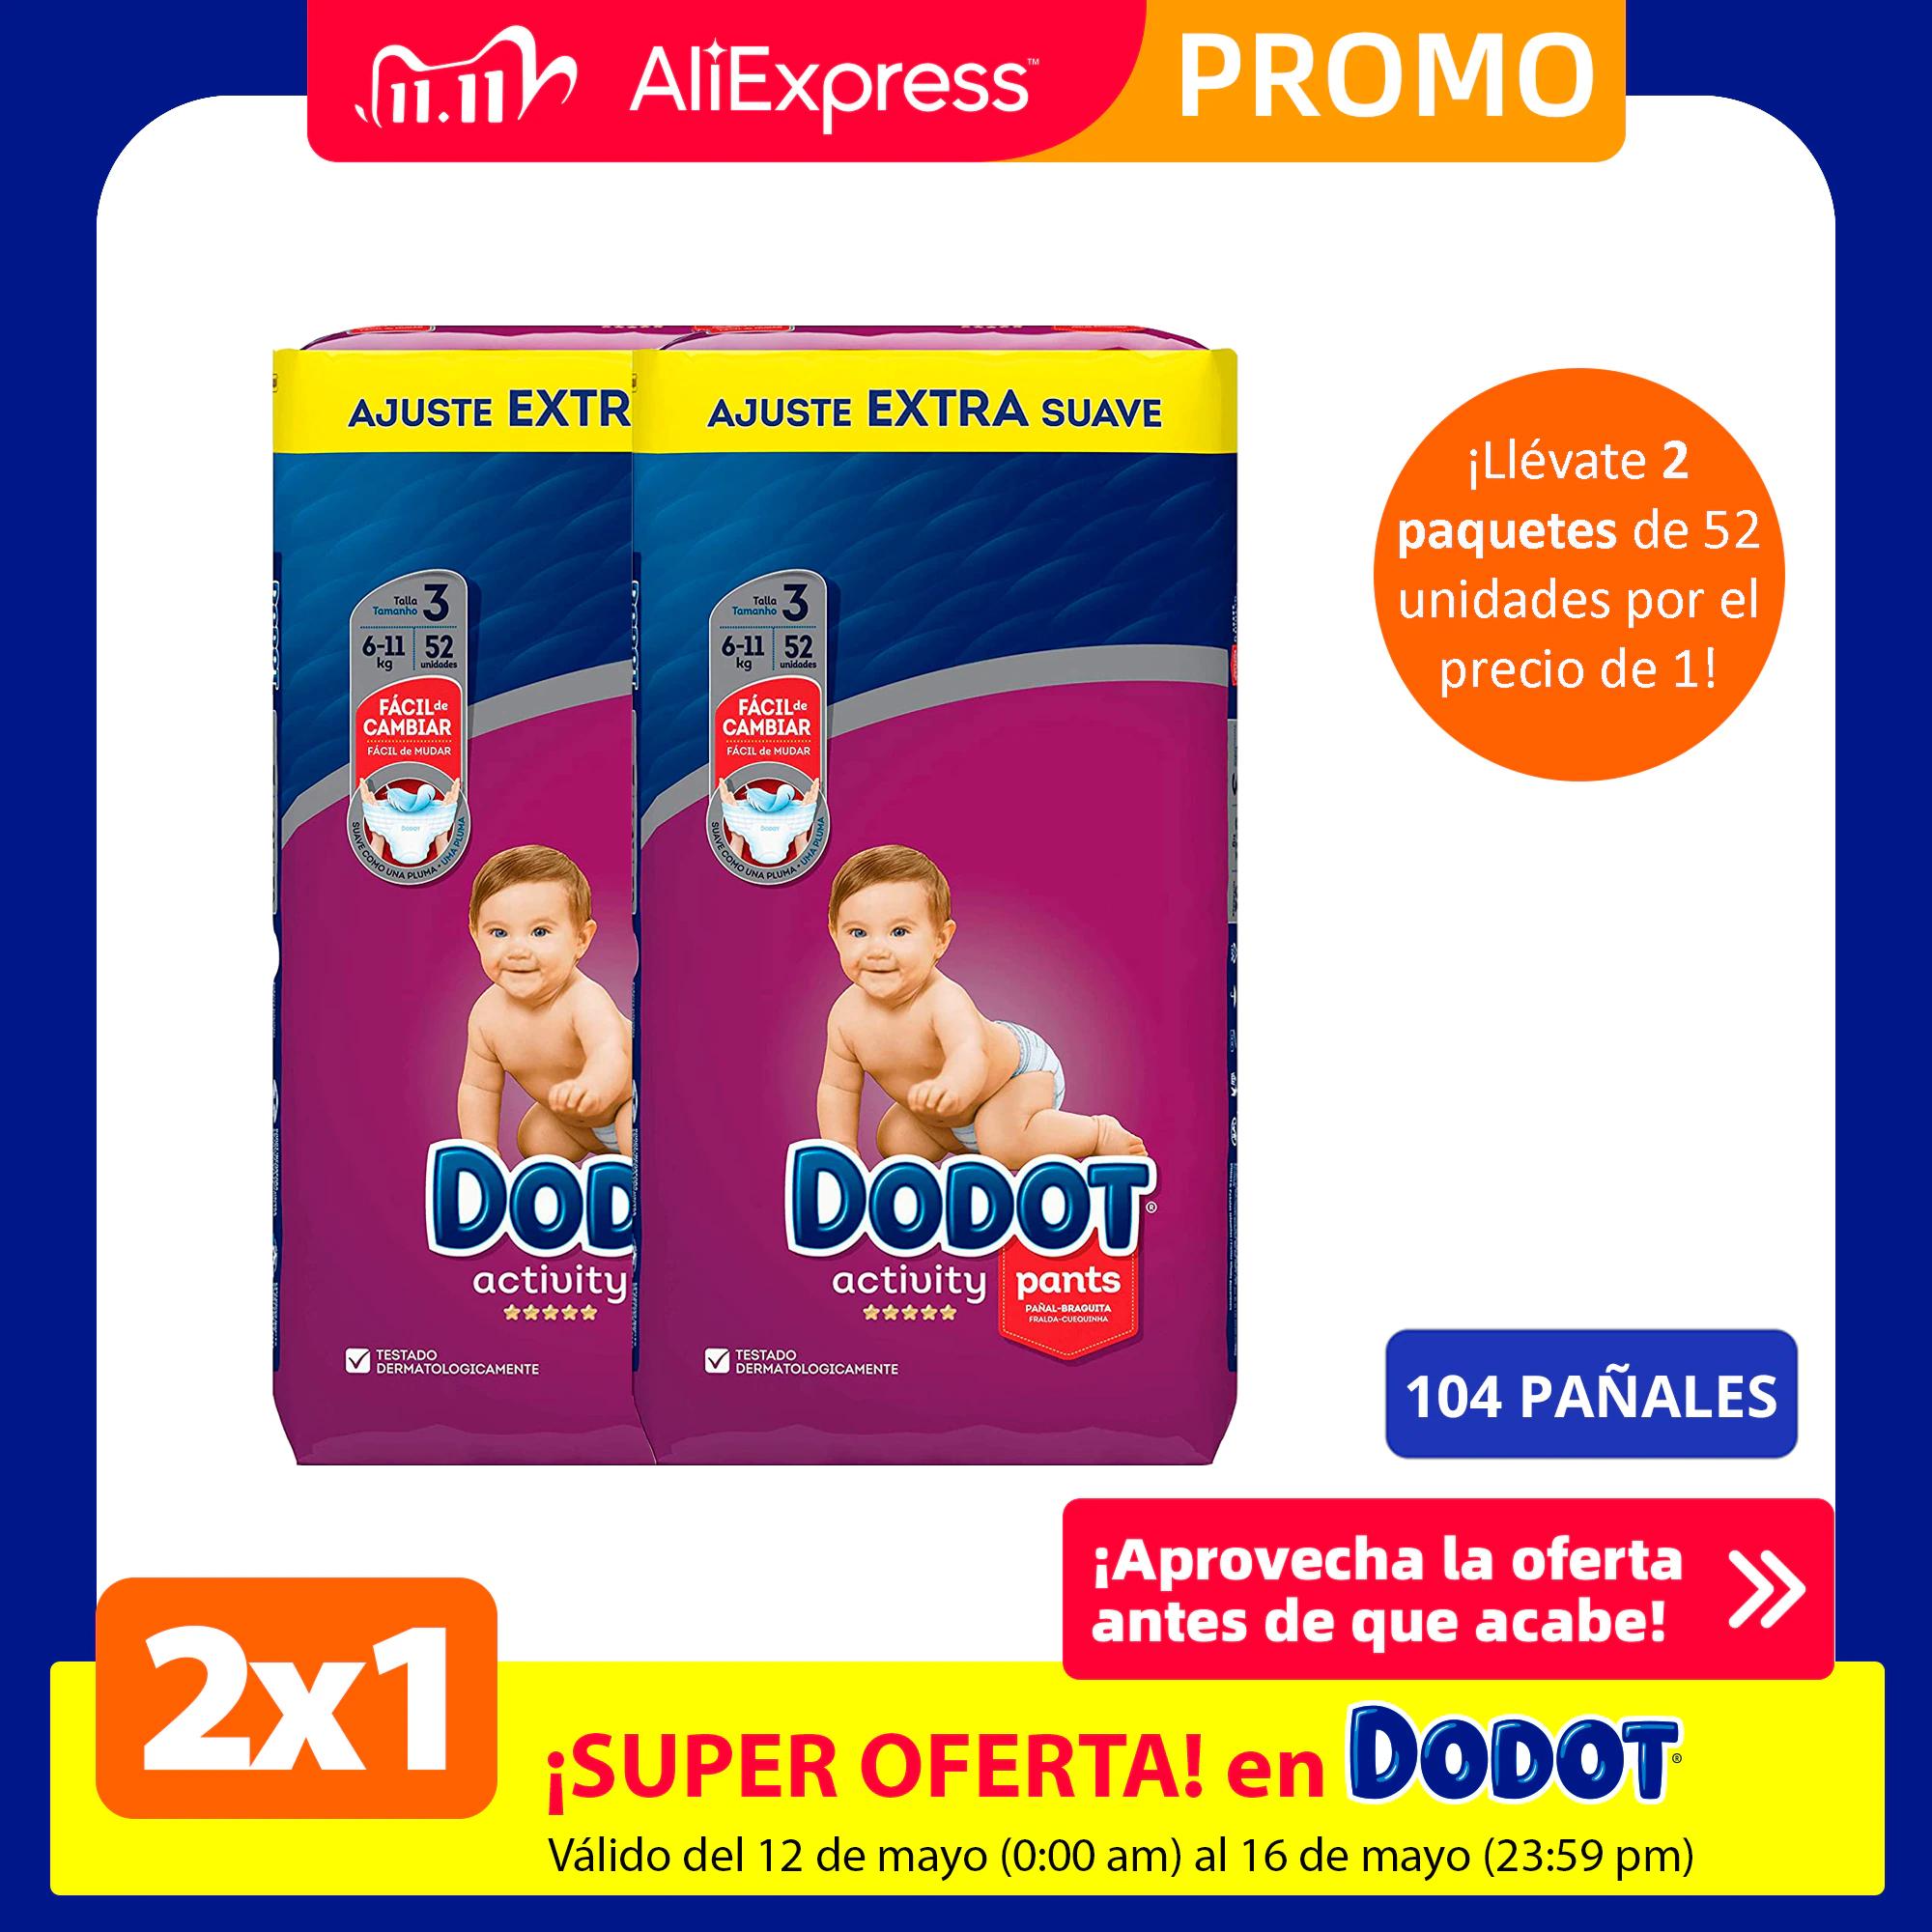 2x1 en pañales y toallitas Dodot + envío gratis + cupones extra